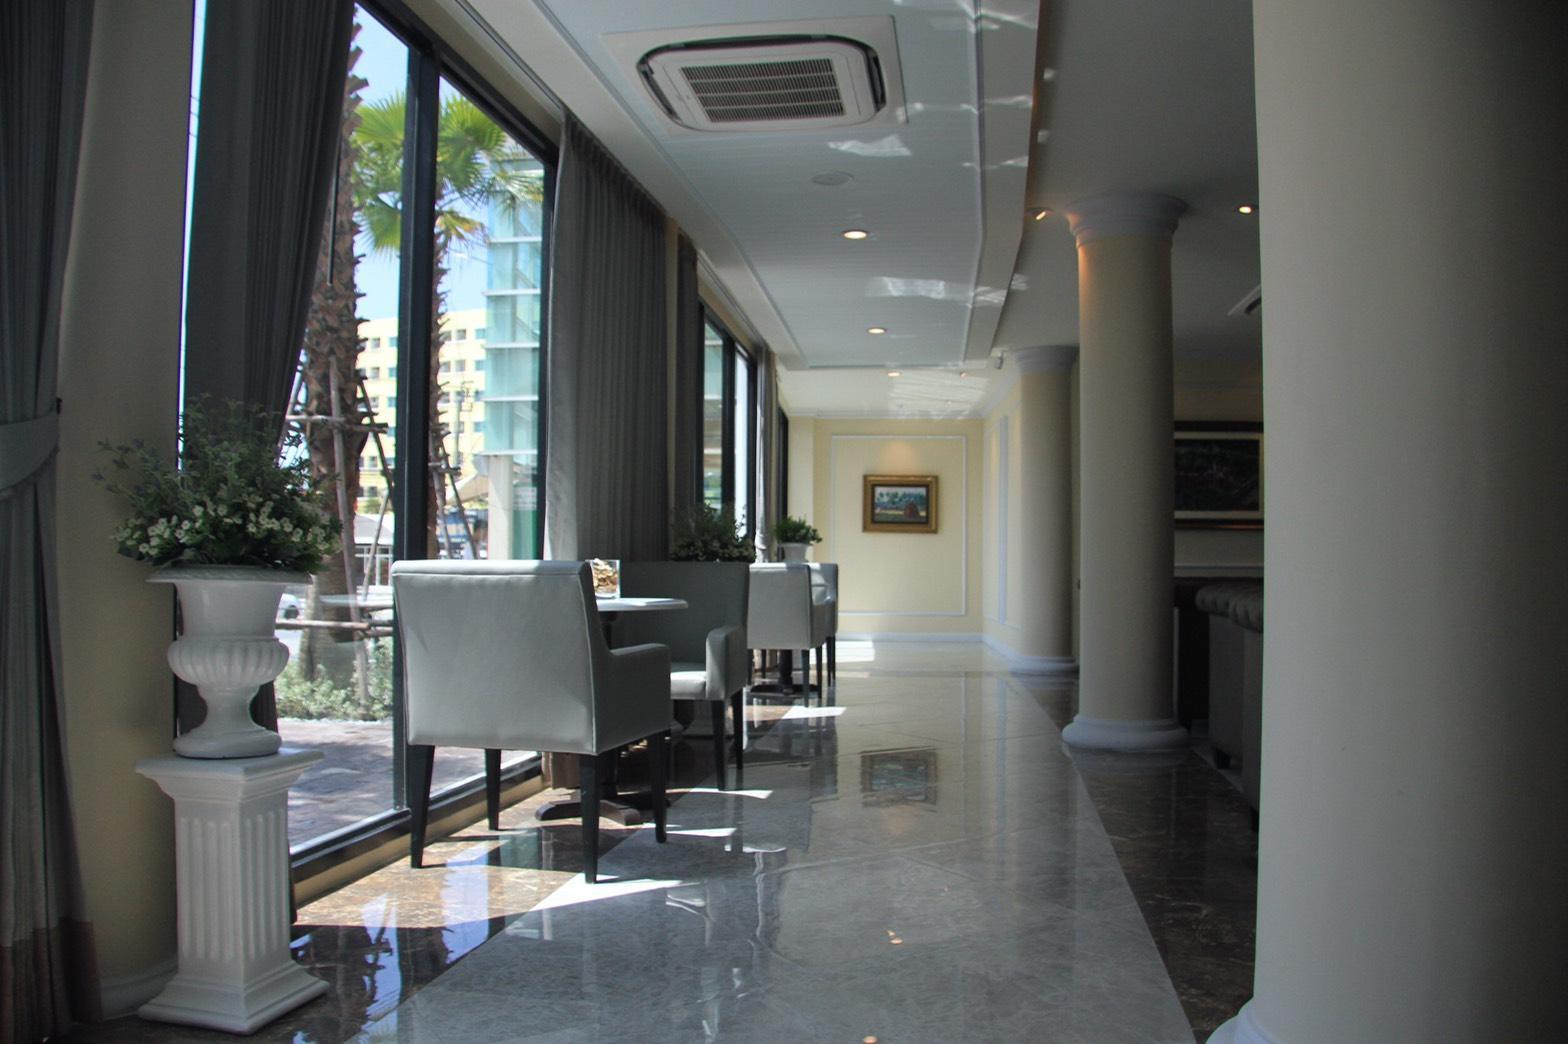 โรงแรมเดอะ กรีน วิว คอมเพล็กซ์